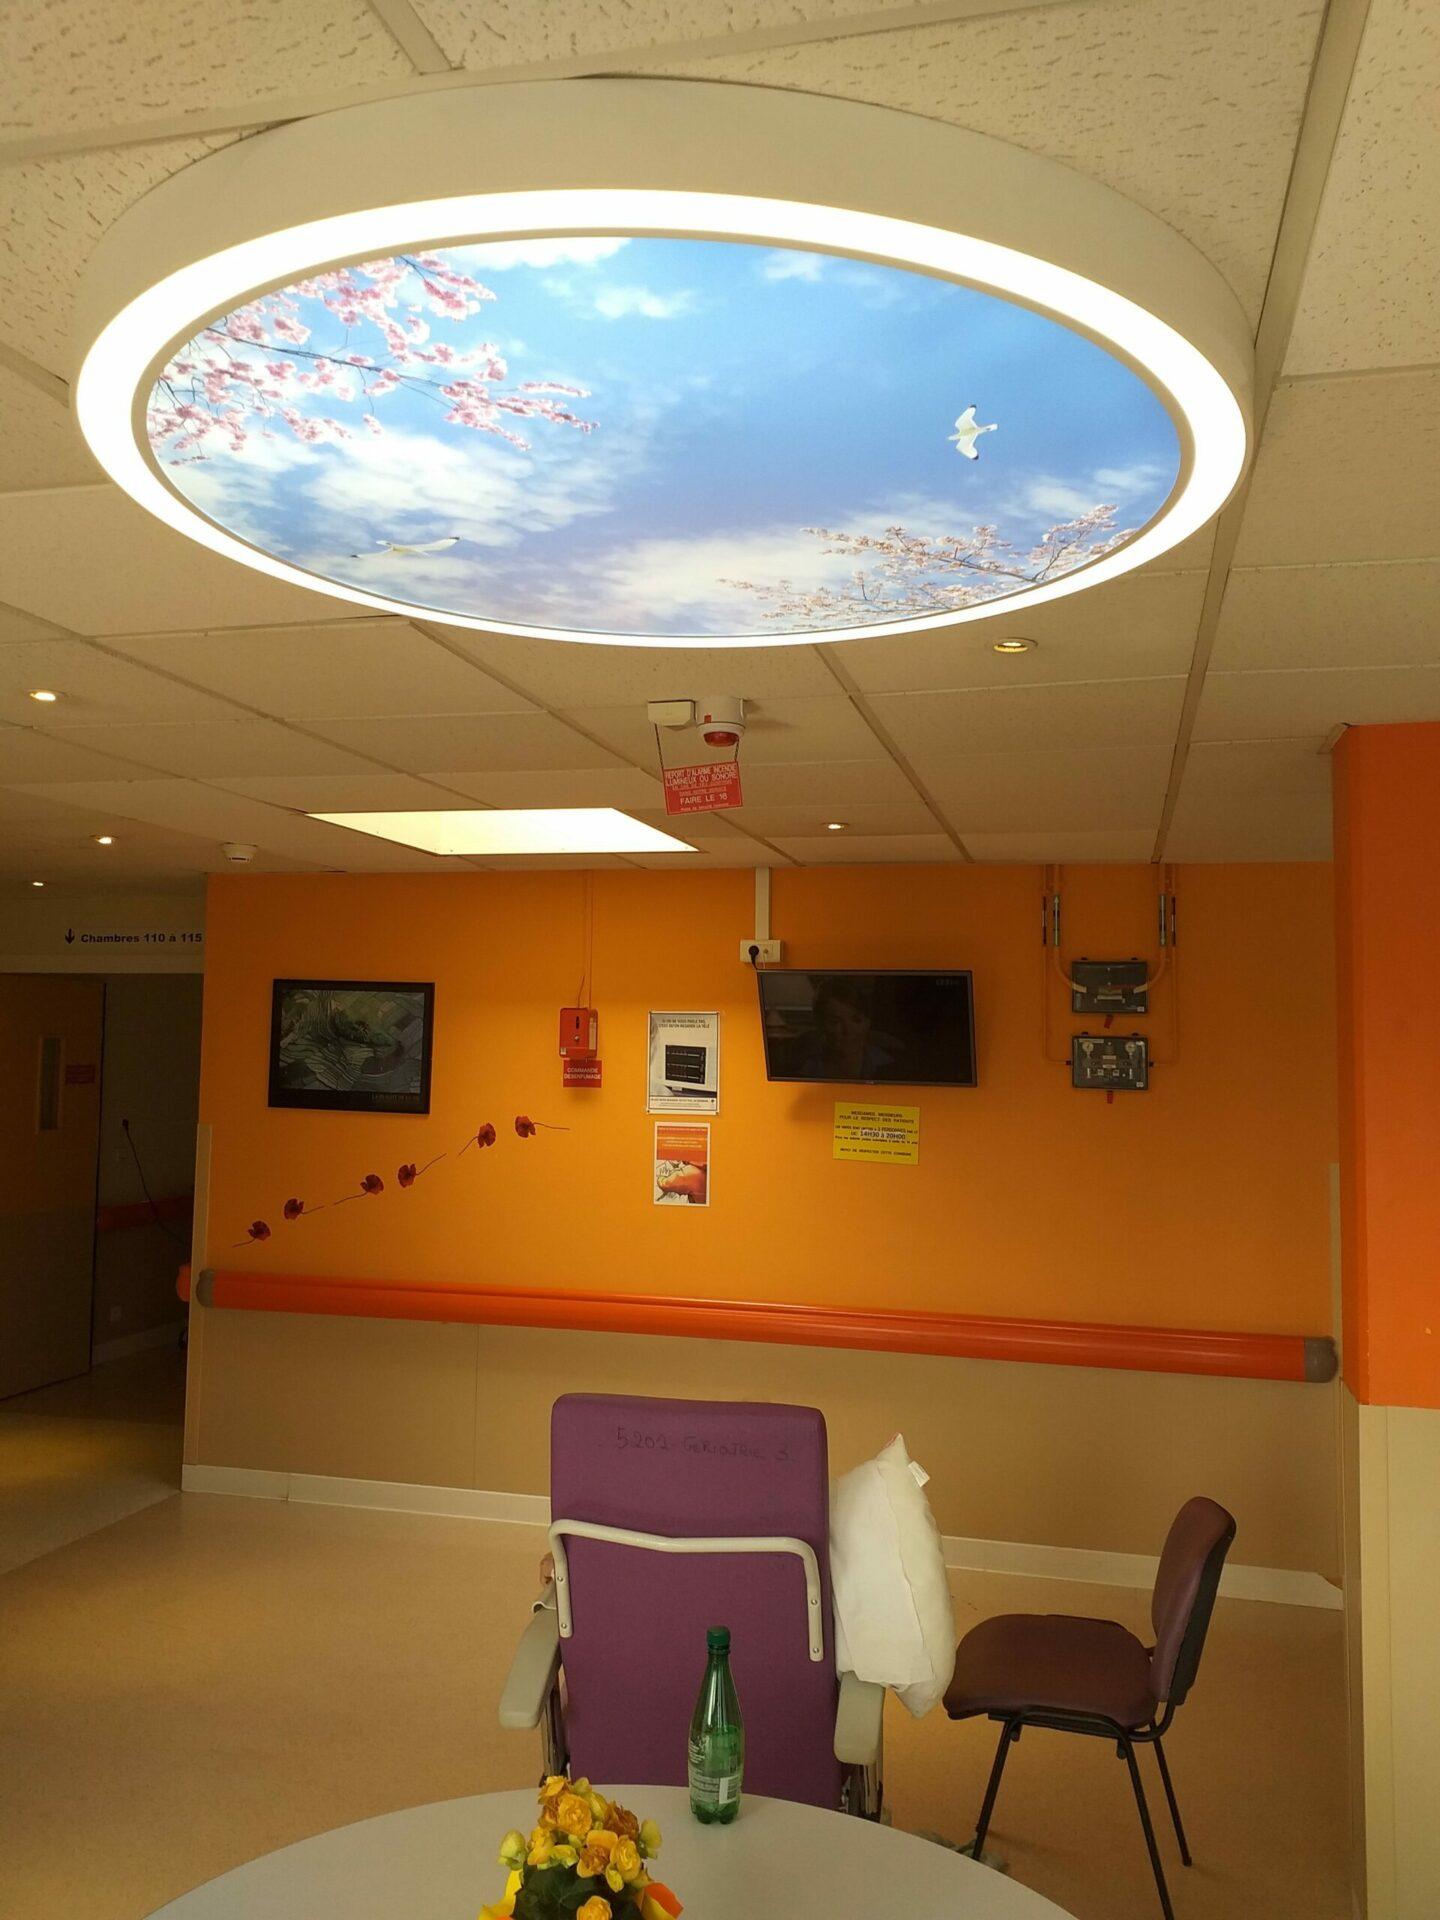 Disque Cumulux pour éclairer un espace sombre dans un hôpital, au CHU Rouen Normandie.